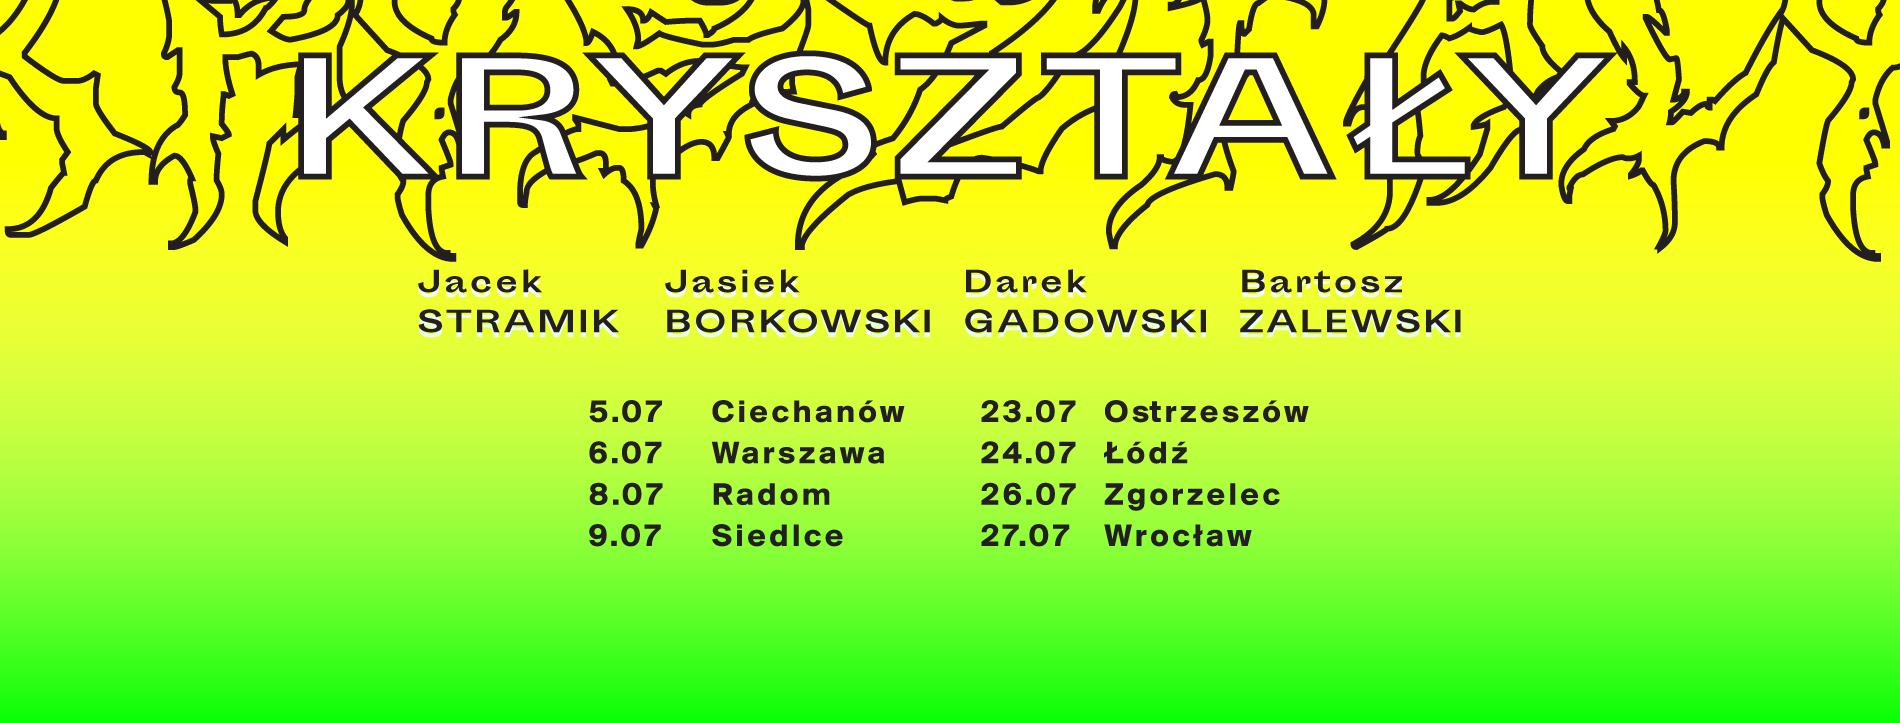 Stand-up Wrocław - Kryształy: Borkowski / Stramik / Zalewski / Mazur